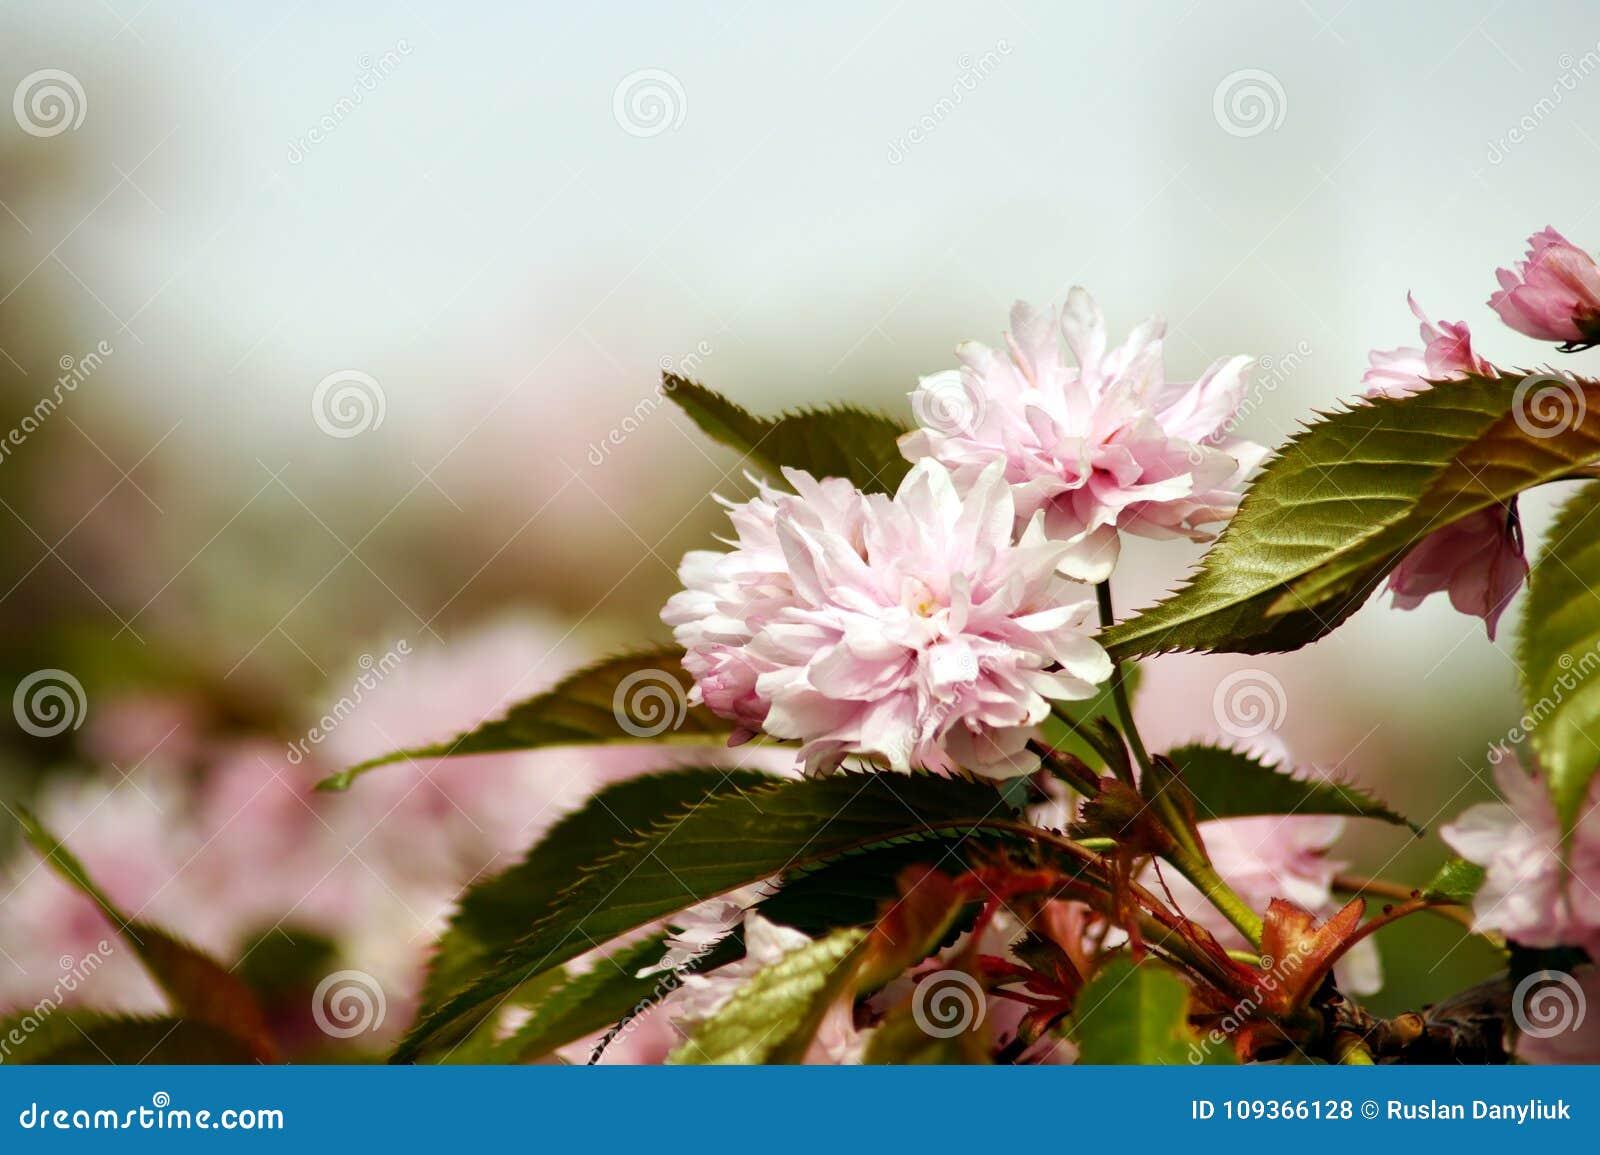 Sakura Japanese Cherry Blossom Flower Bloom In Spring Season Stock